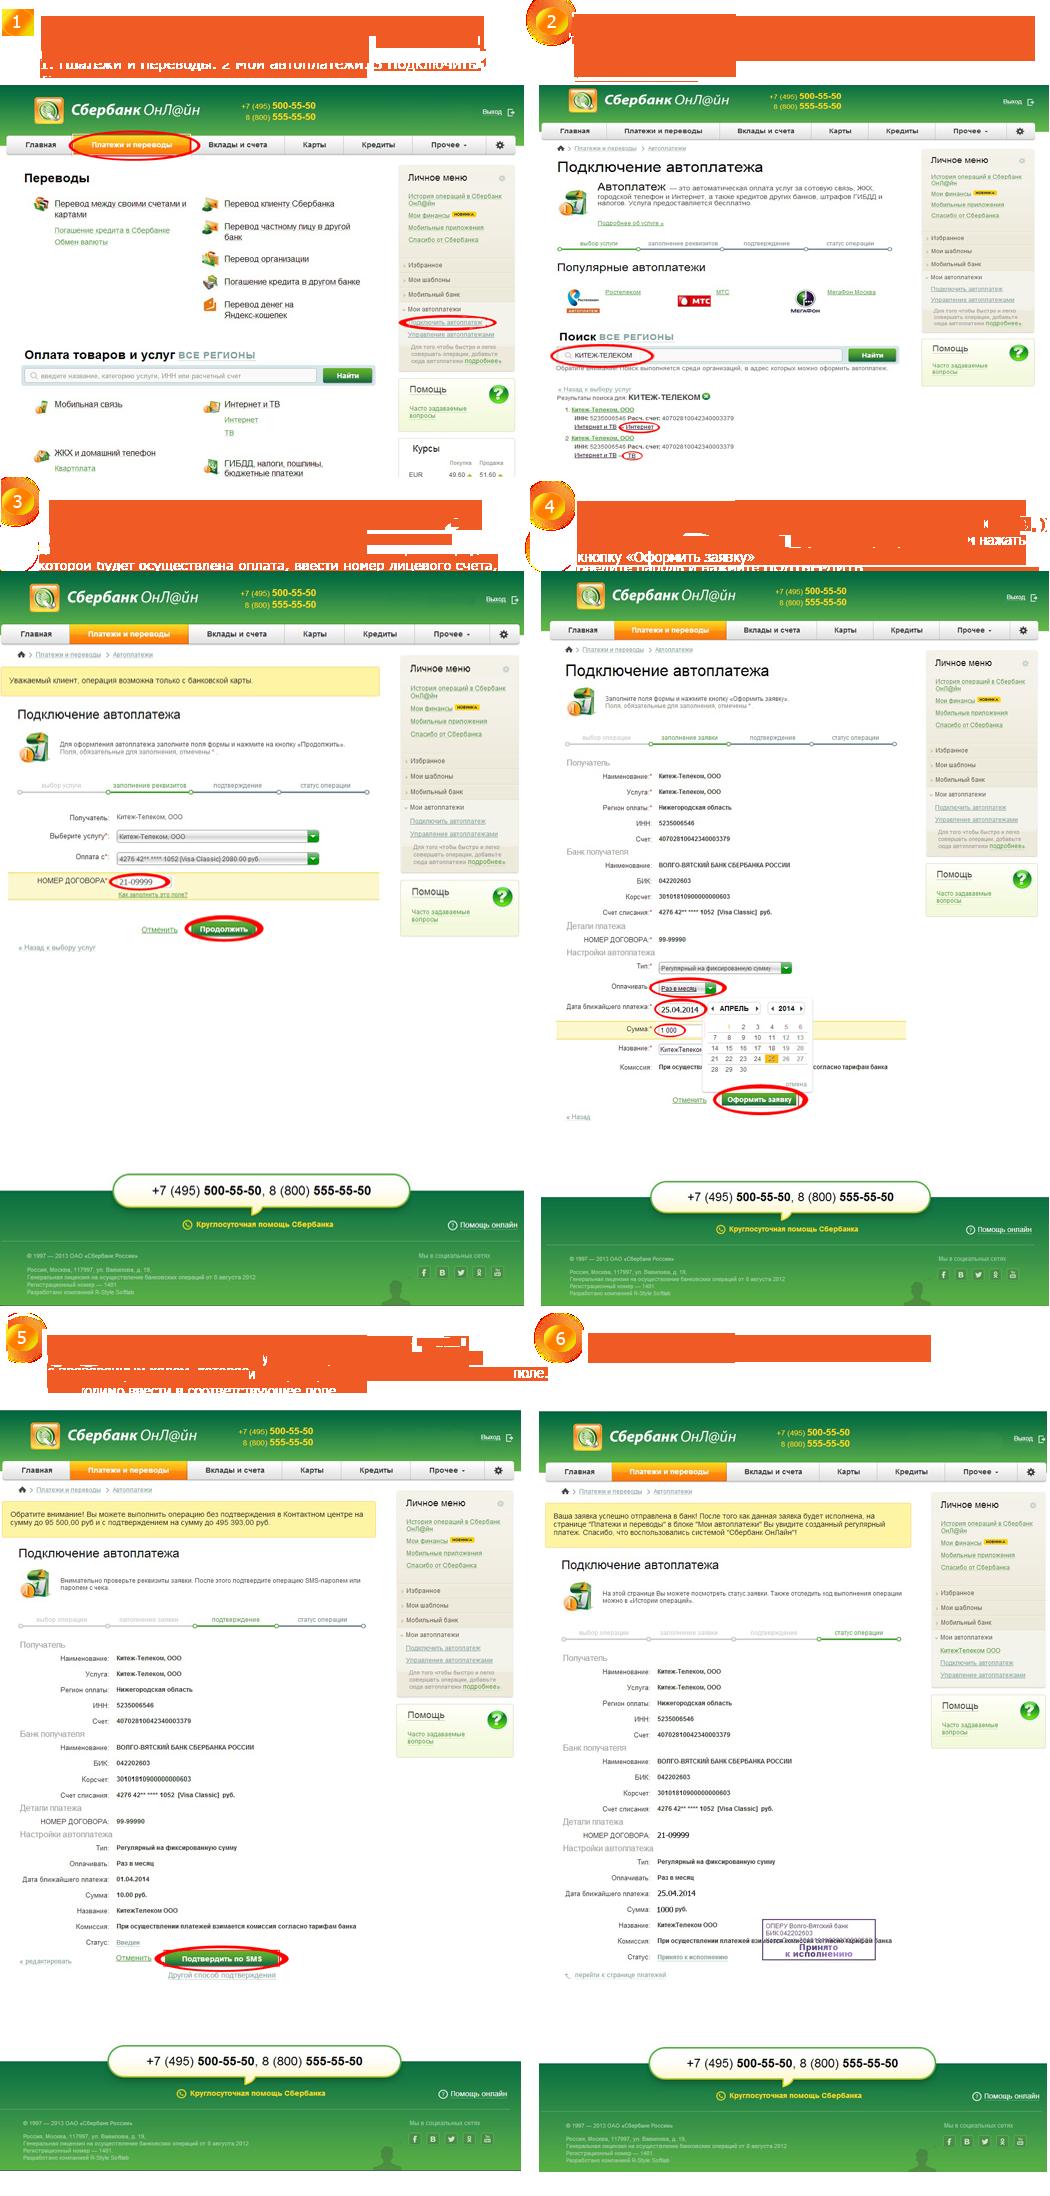 Как перевести средства с карты на карту - Газета. Ru 53